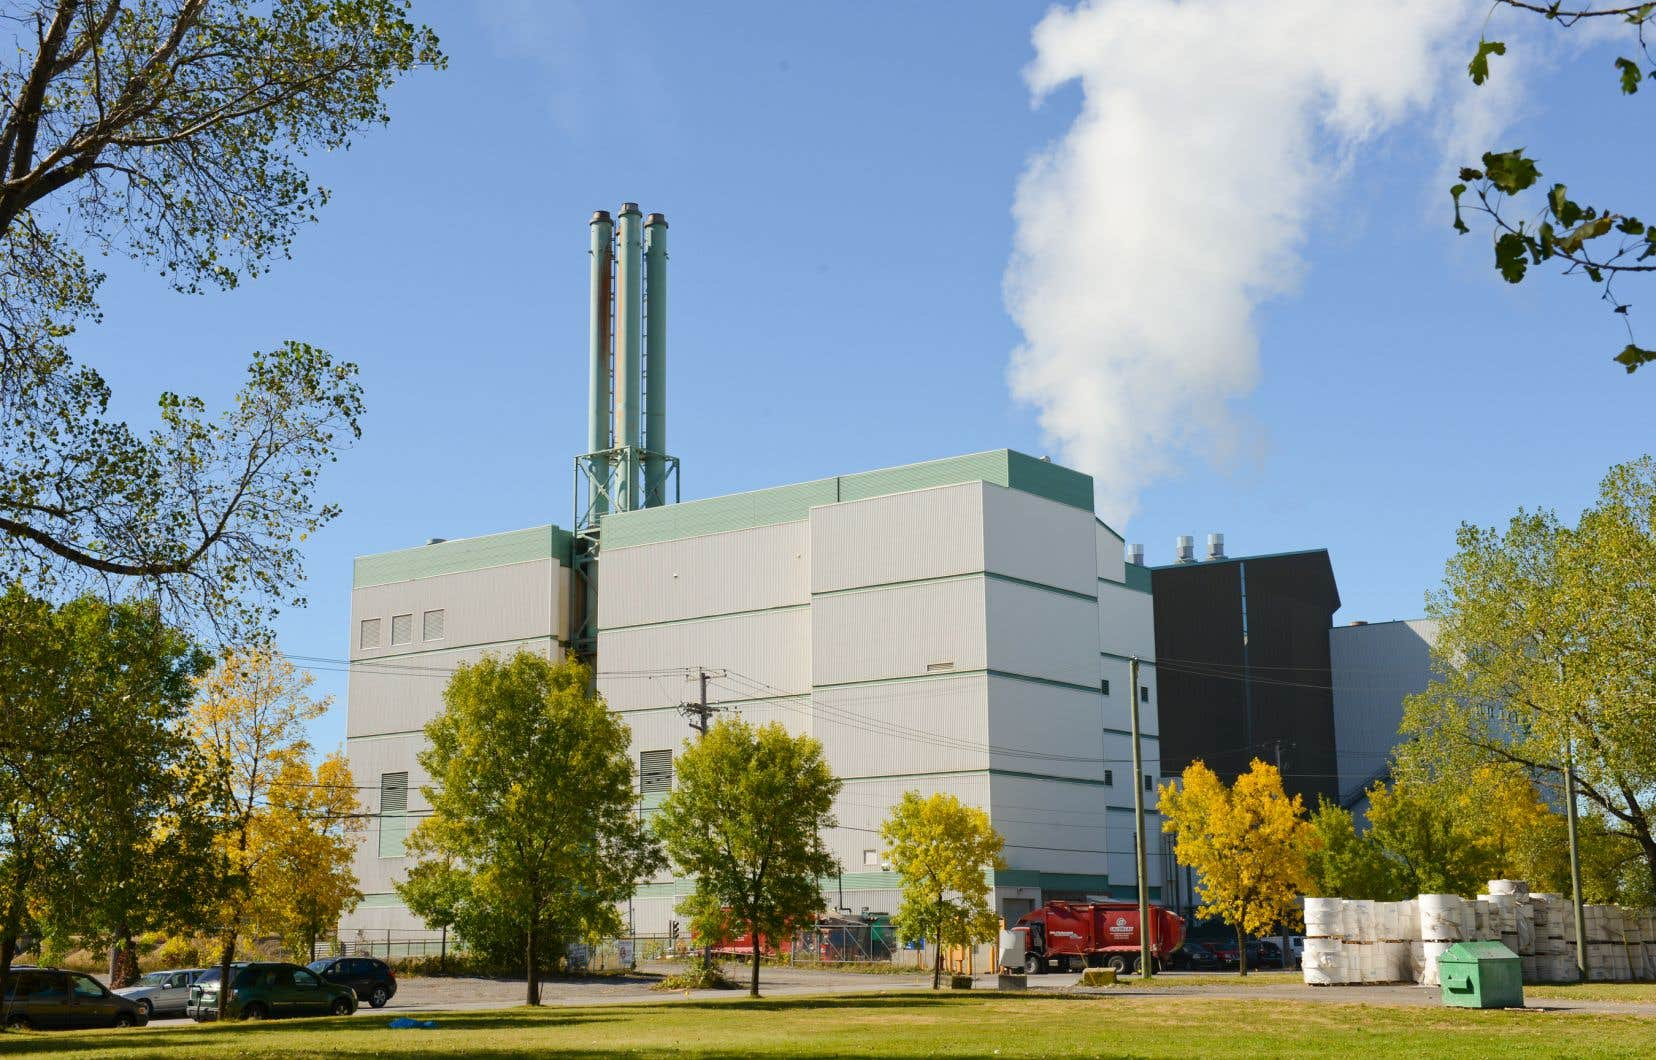 Grâce à un projet de synergie unique dans la province, les rejets thermiques de l'incinérateur de la ville de Québec pourraient, d'ici quelques années, chauffer, climatiser et alimenter en électricité l'hôpital de l'Enfant-Jésus.